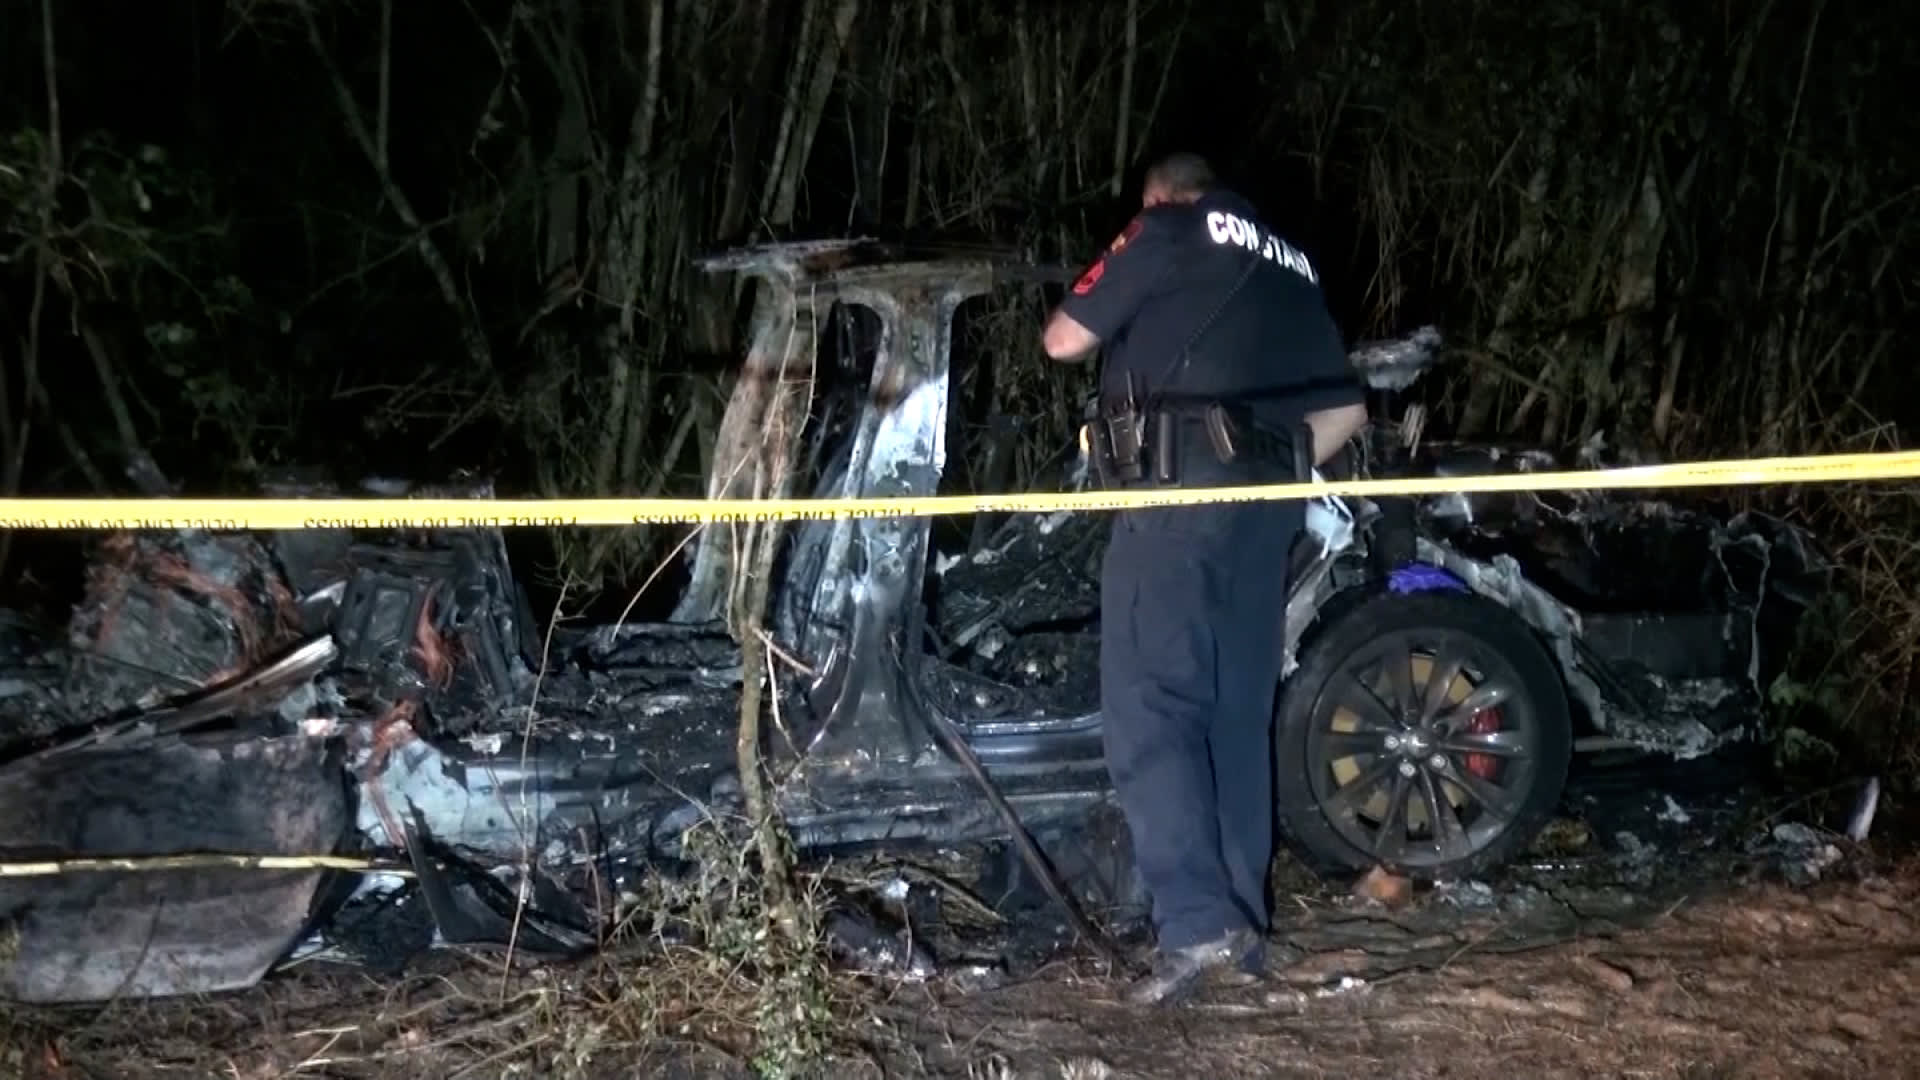 مقتل شخصين في حادث تحطم سيارة تسلا.. والشرطة: لم يكن هناك أحد في مقعد السائق